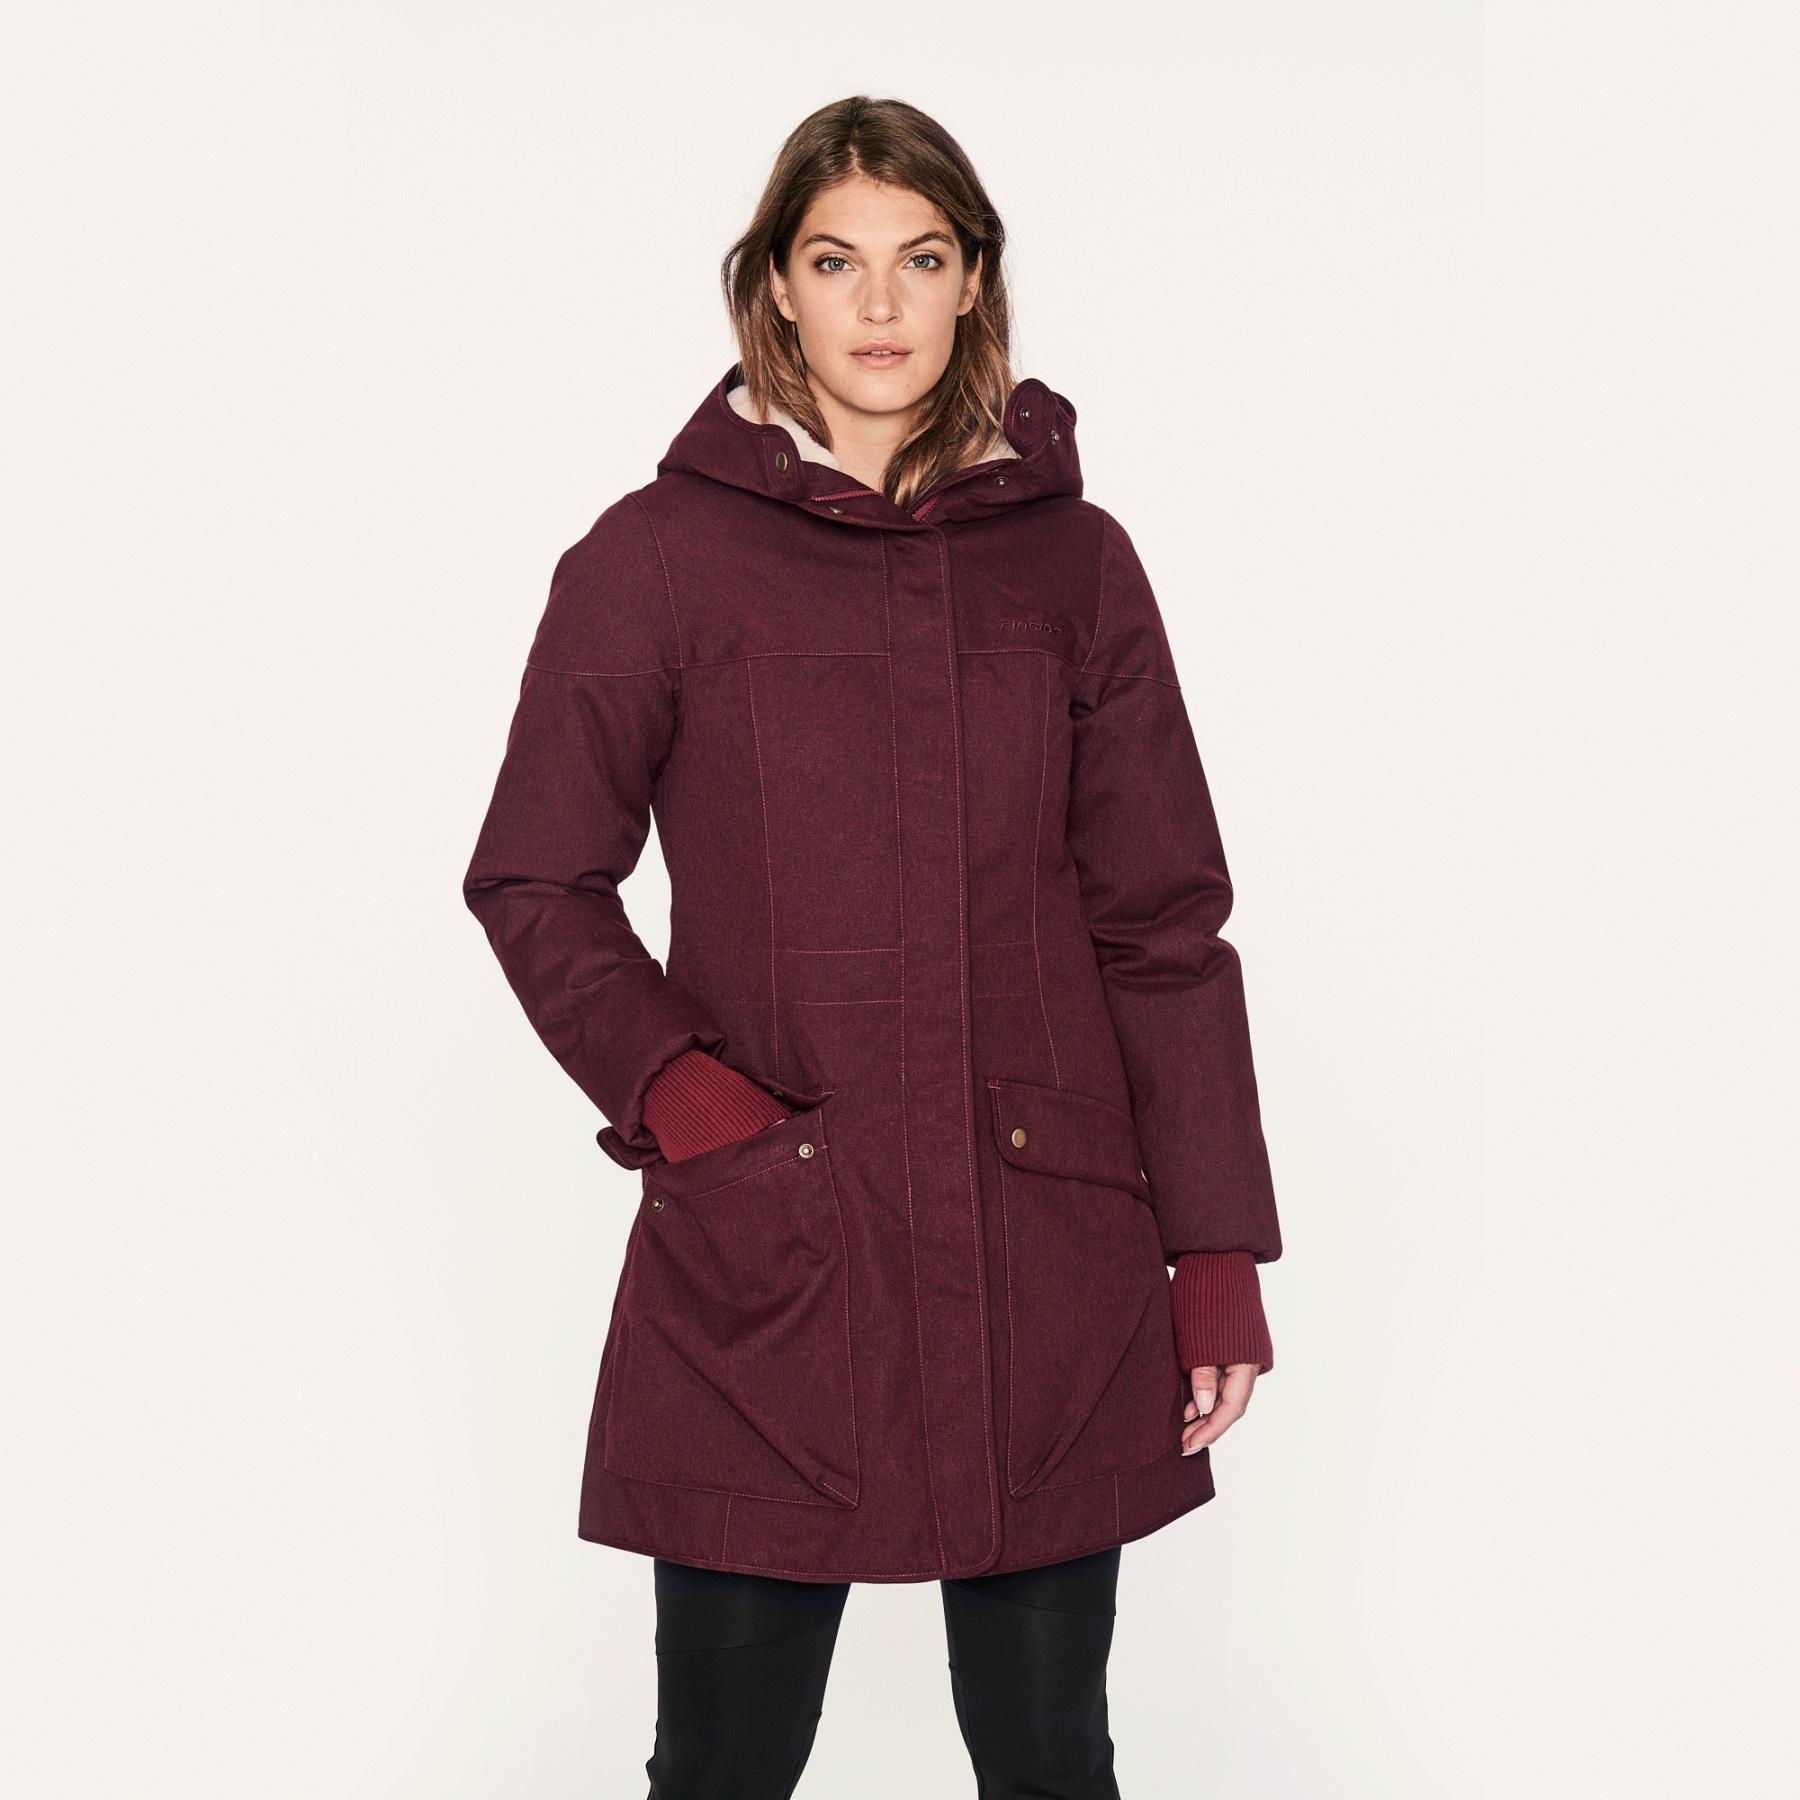 Image of Finside OONA SOFT Women Winter Parka - cabernet